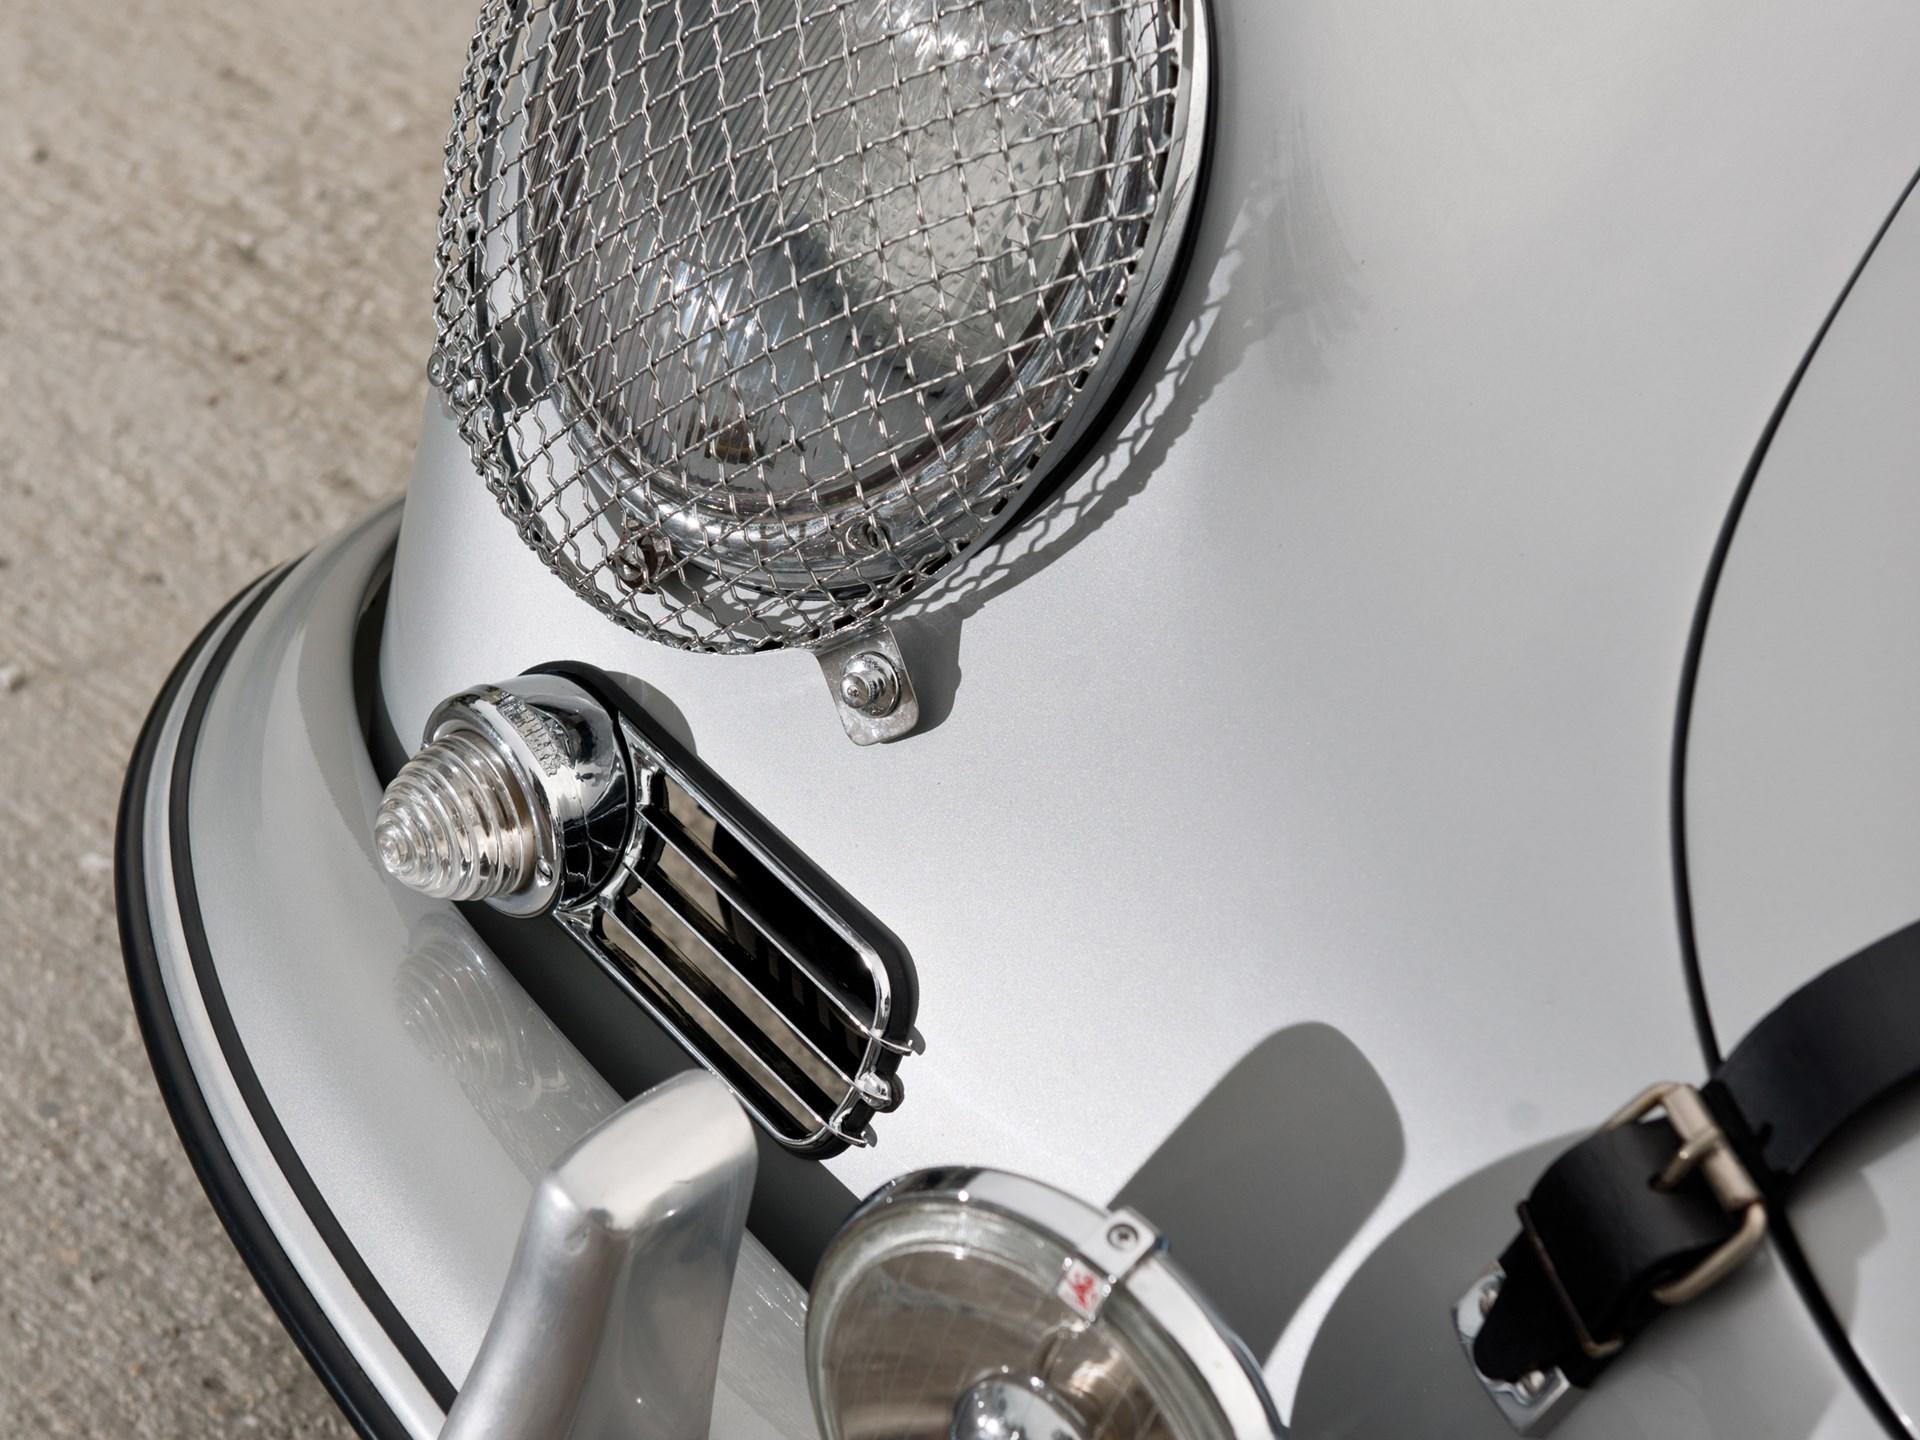 RM Sotheby's - 1959 Porsche 356A 1600 'Speedster D' by Drauz